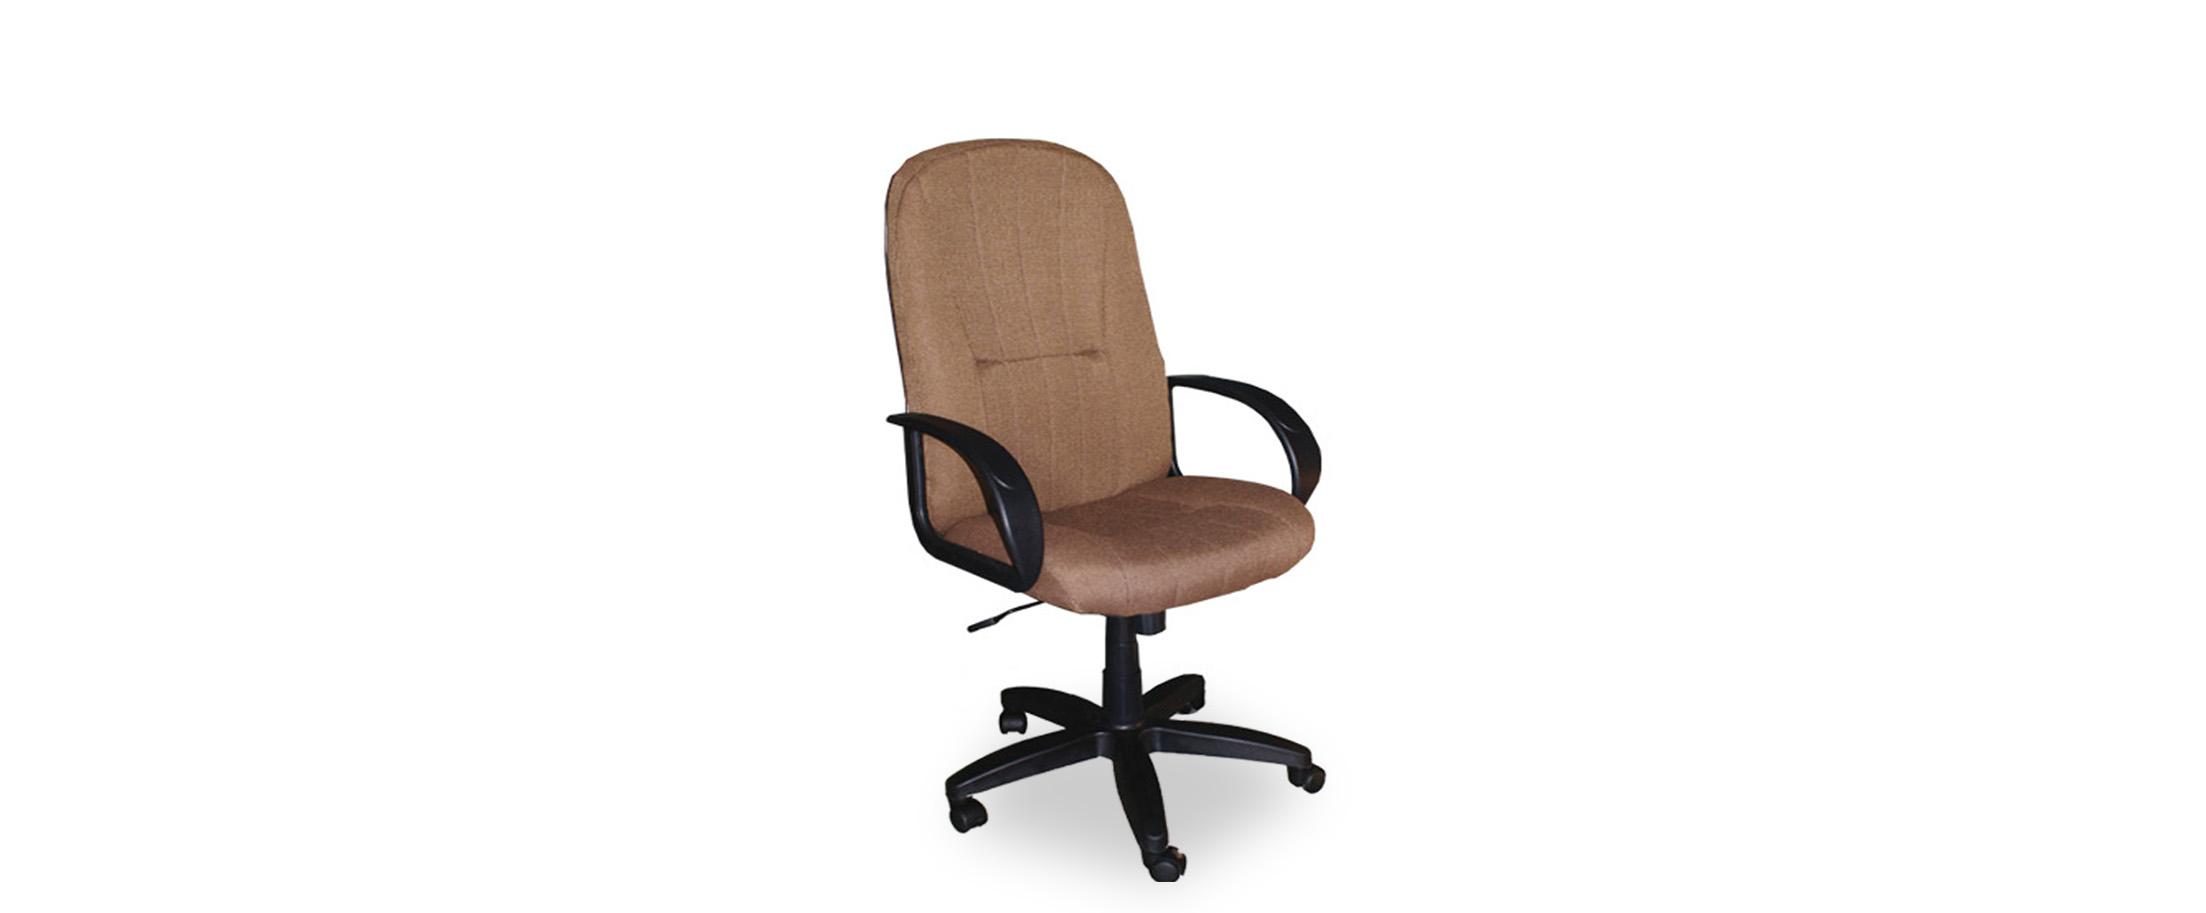 Кресло офисное 902F-1 Модель 376